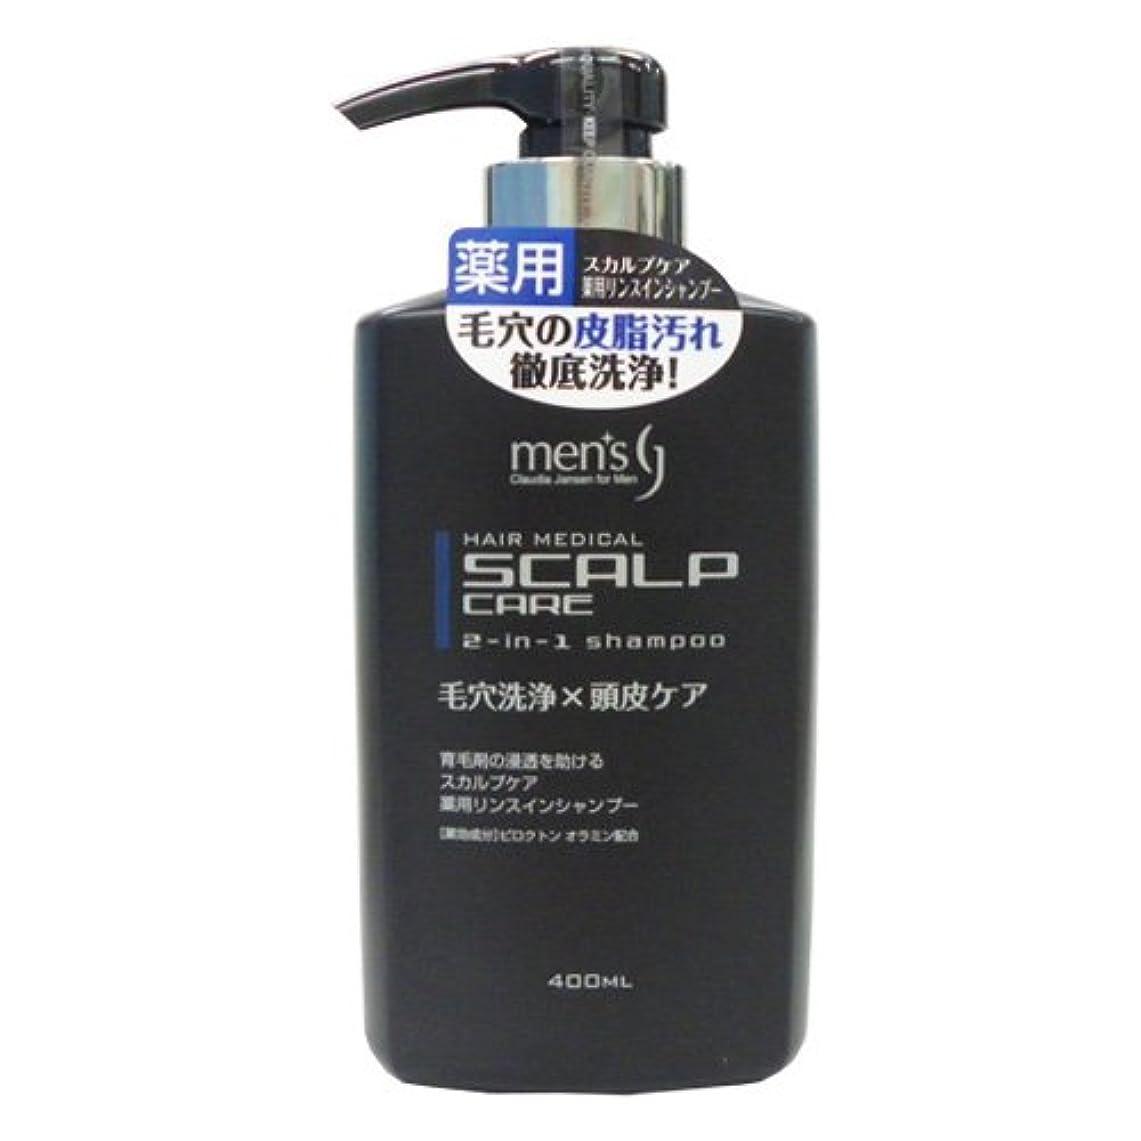 尊敬する折ポンプスカルプケア薬用リンスインシャンプー 400ml 毛穴洗浄×頭皮ケア